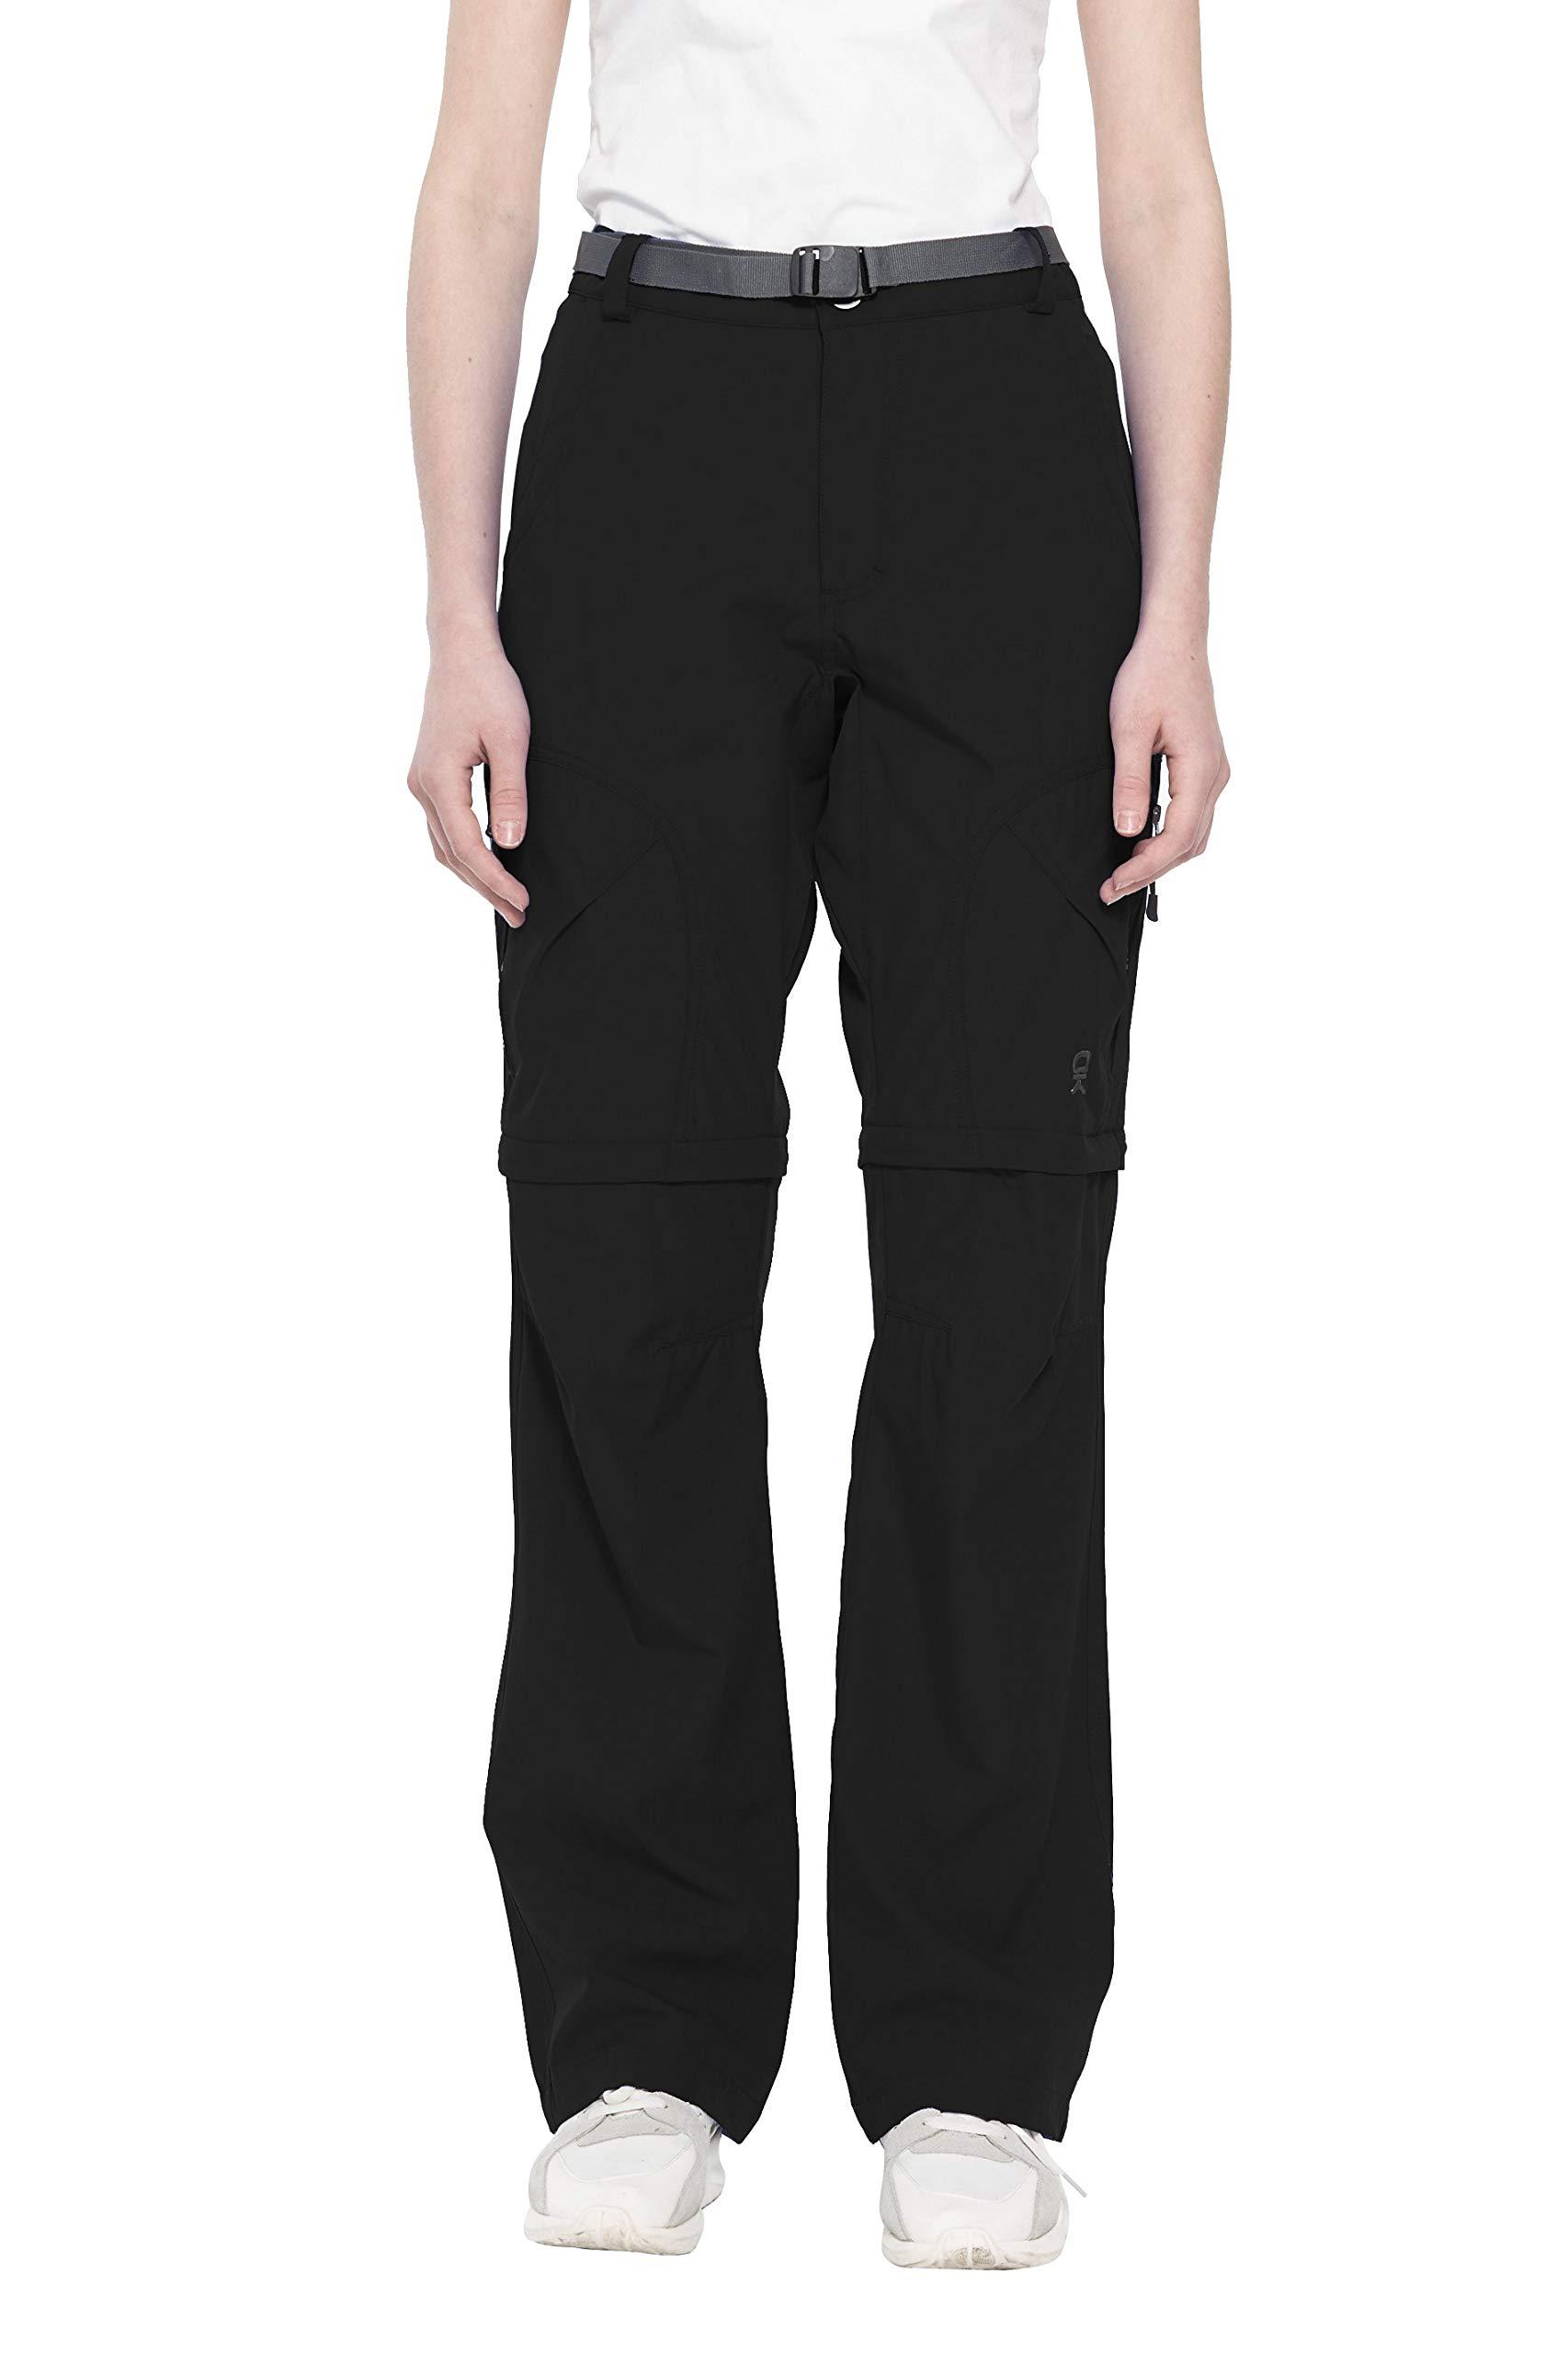 Little Donkey Andy pour femme stretch convertible Pantalon convertible à séchage rapide randonnée Pantalon, Femme, noir, Small